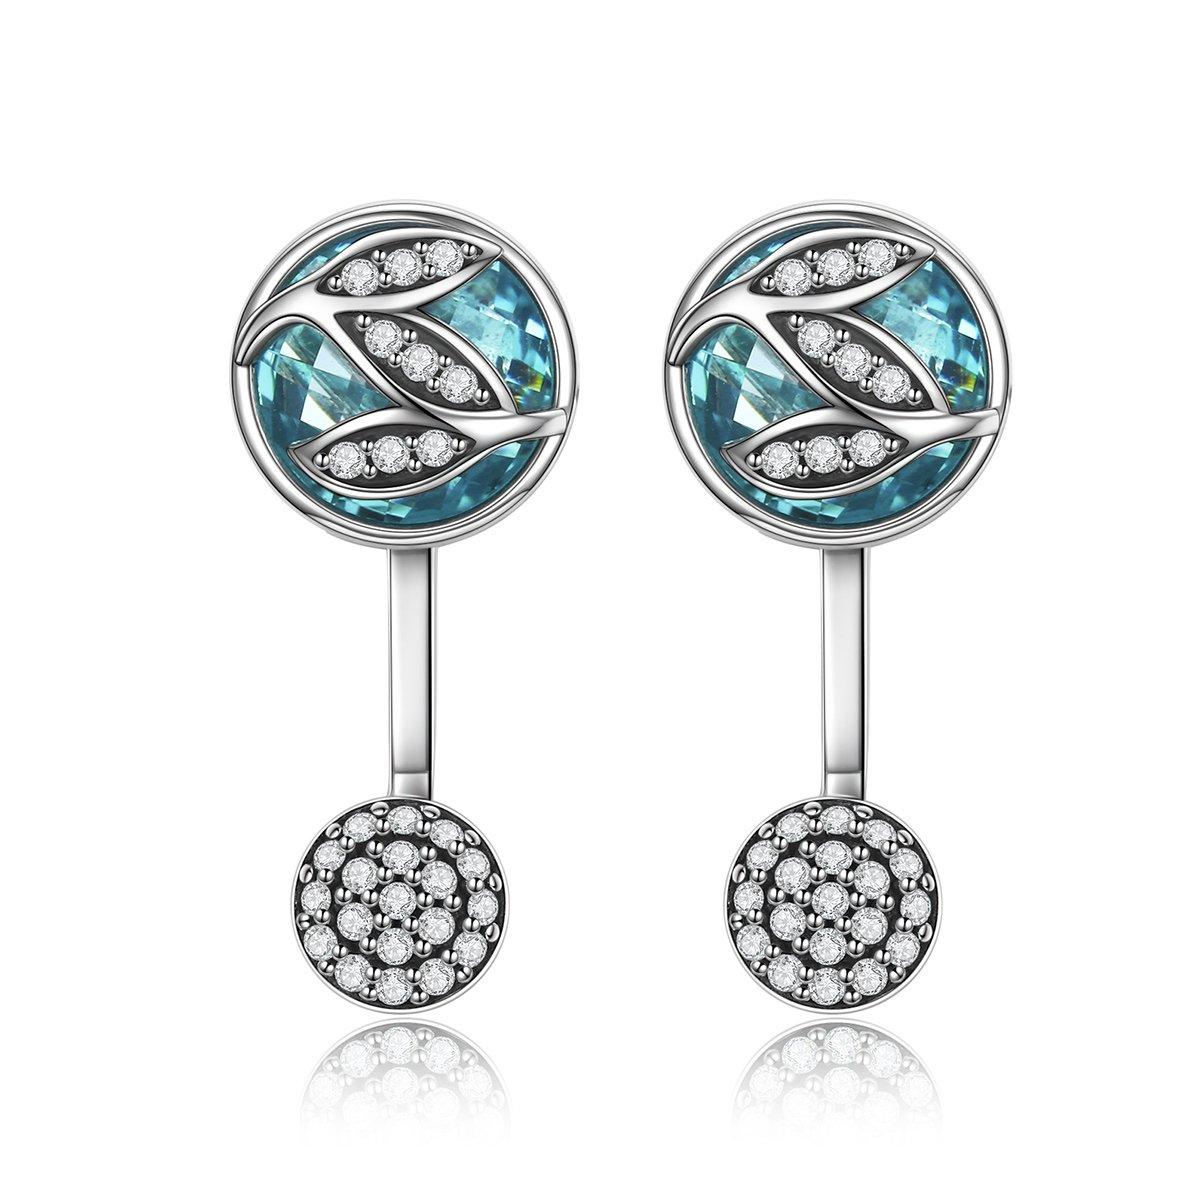 Vogzone Sterling Silver Cubic Zirconia Rear Hanging Ear Jacket Earrings Back Ear Cuffs Stud Earring Sets for Women Girls